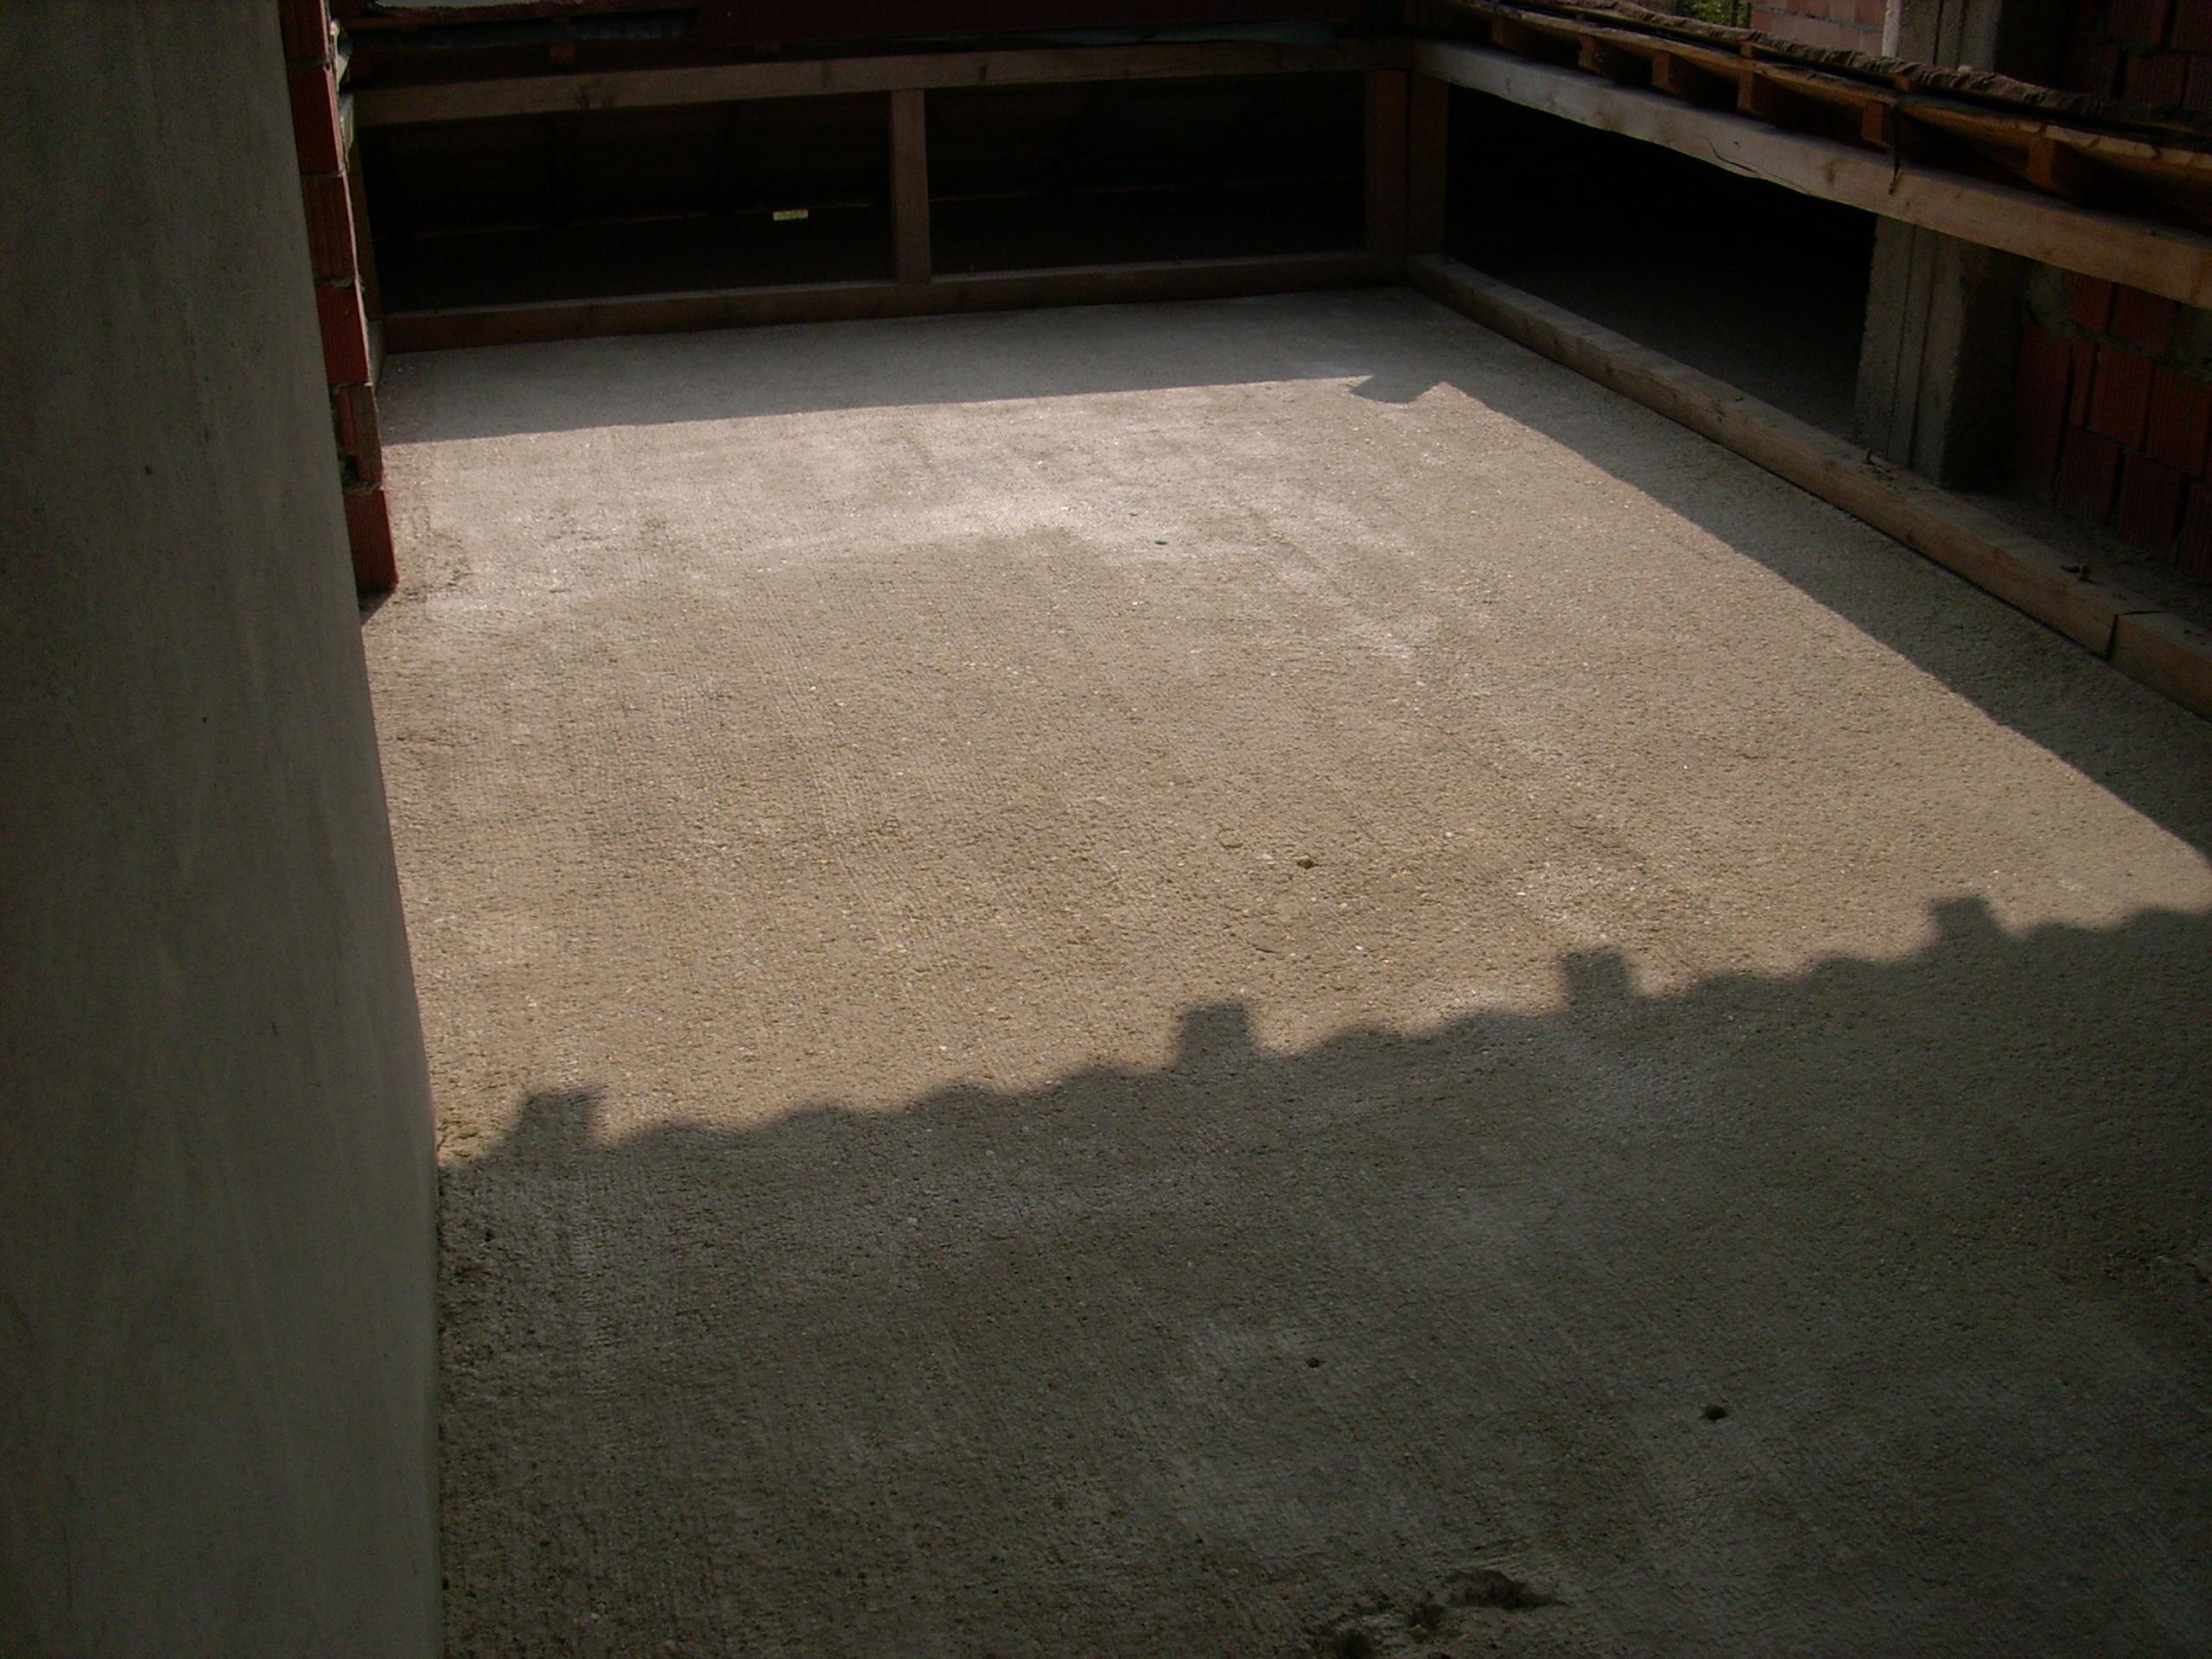 Aplicarea tratamentelor de impermeabilizare - Persoana privata - terasa UNICO PROFIT - Poza 36